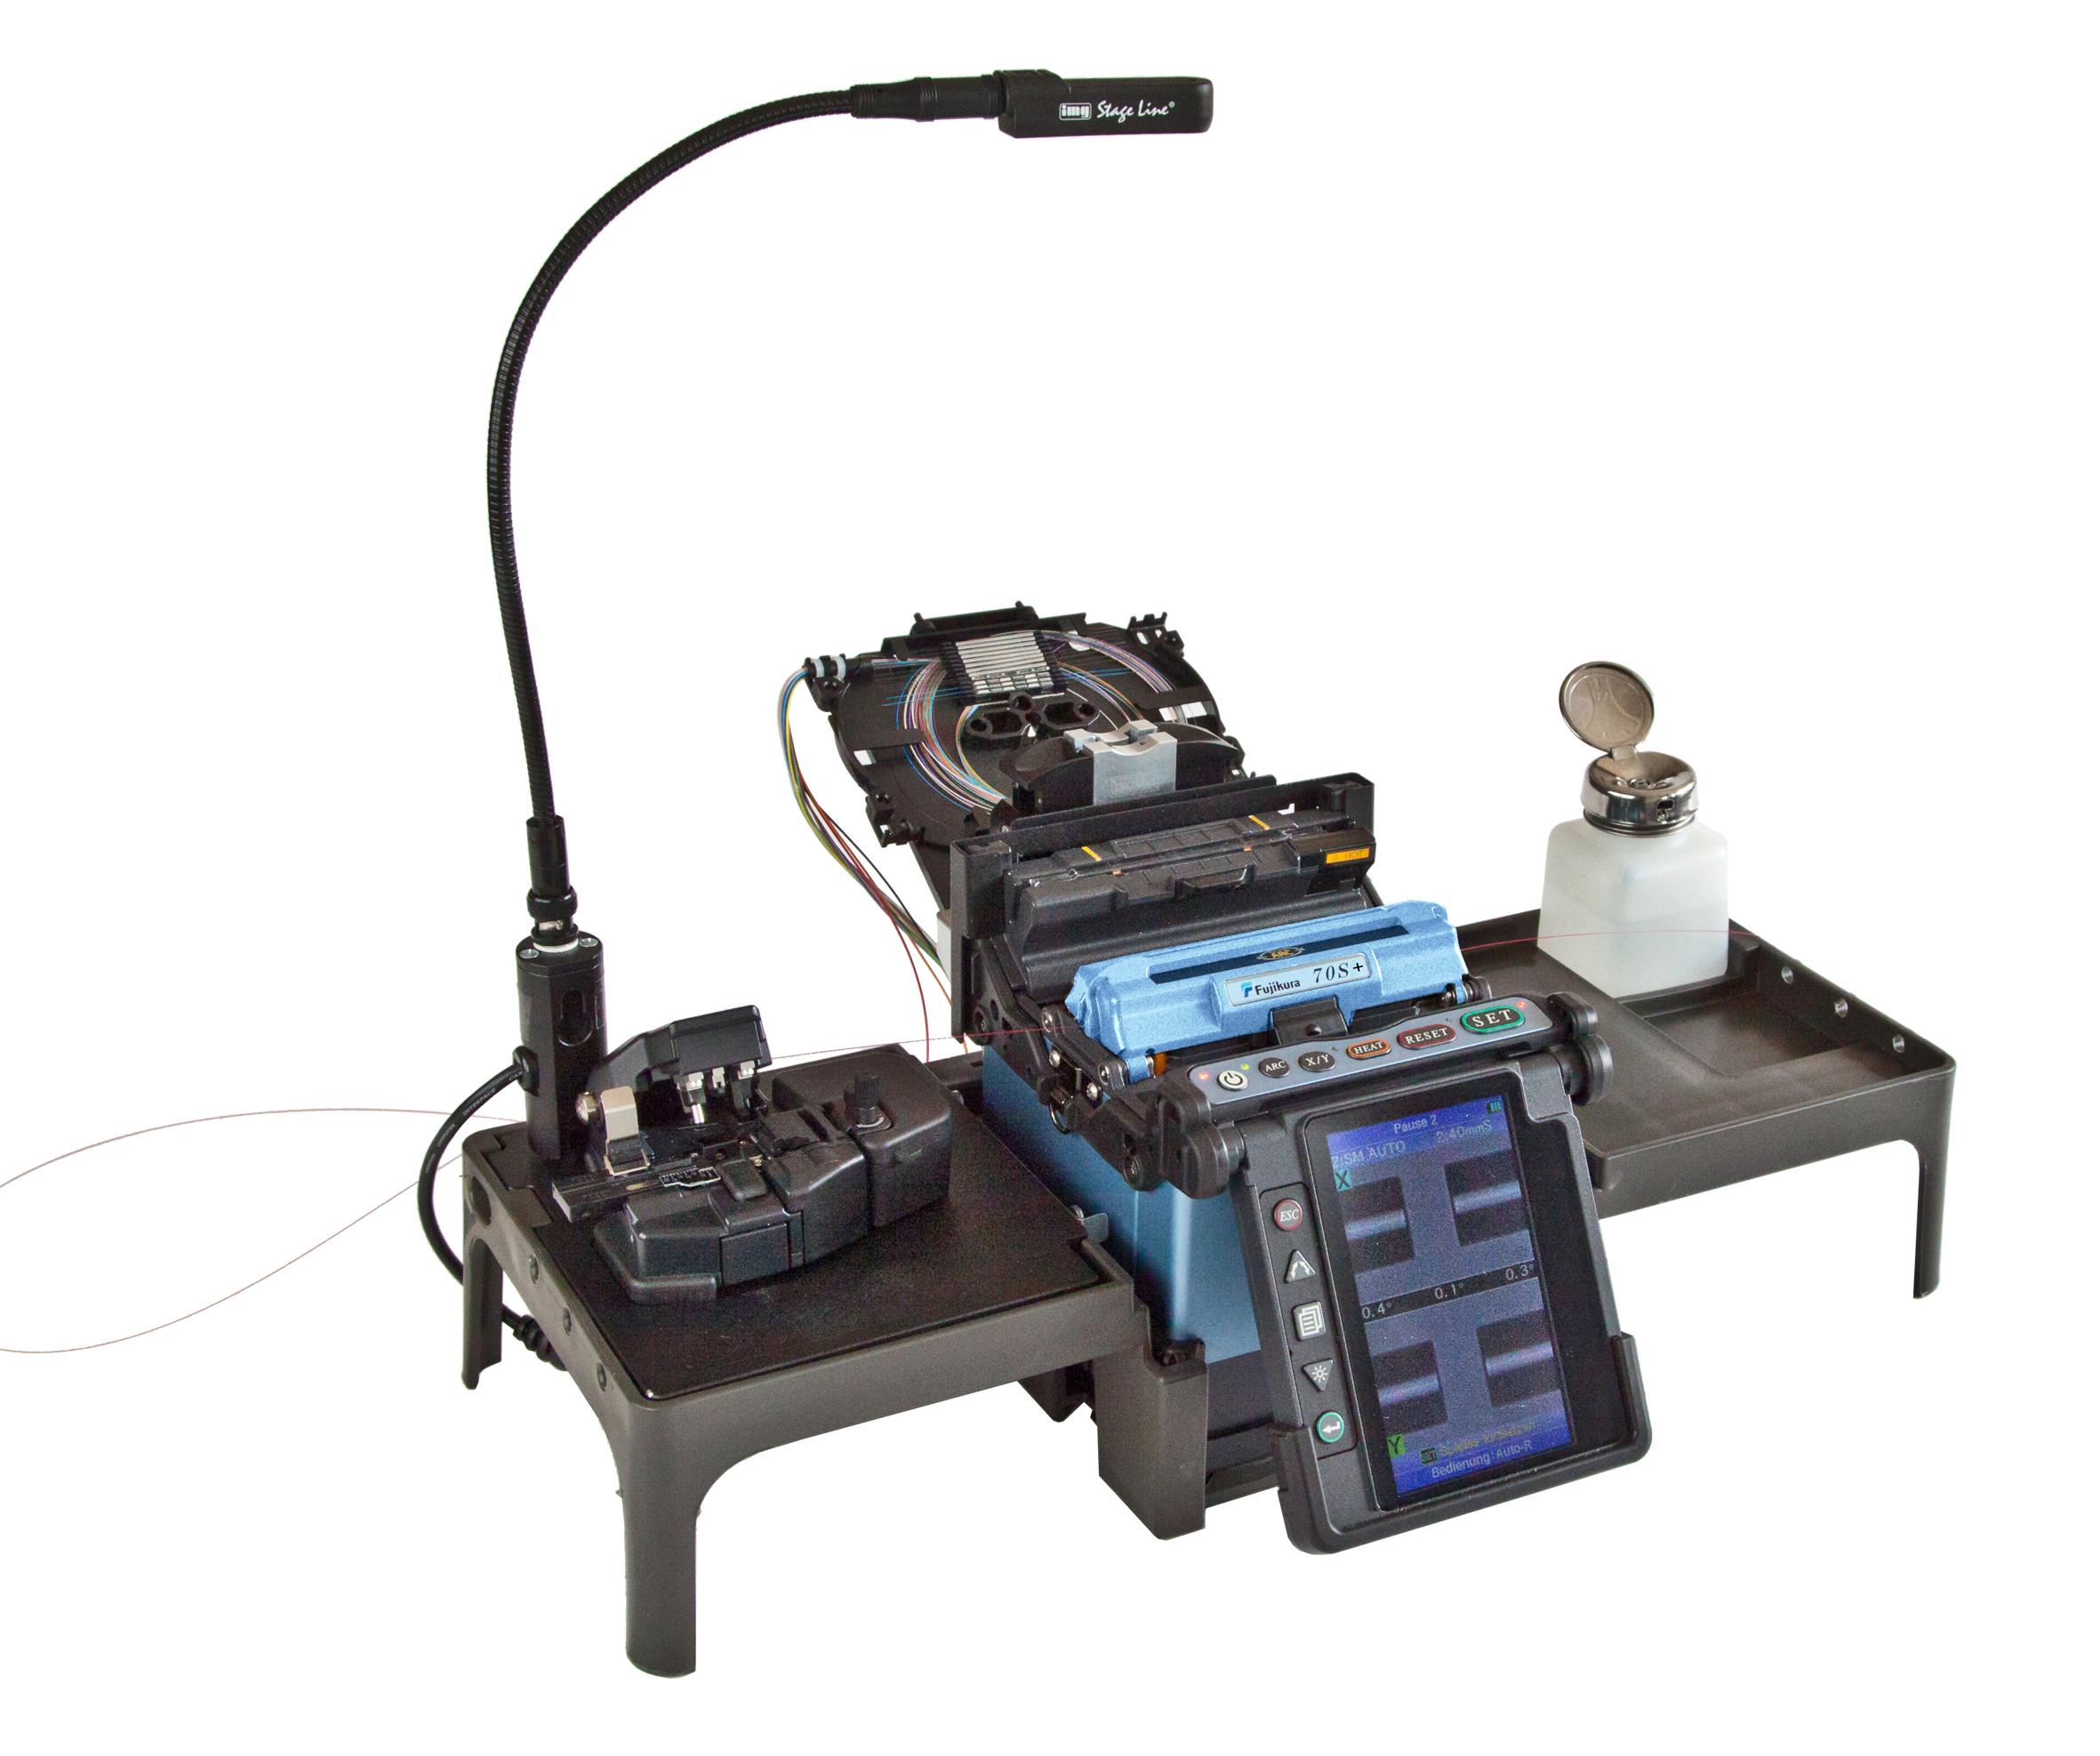 Für das Modell Fujikura 70S+ gibt es zum serienmäßigen Arbeitstisch verschiedene Halterungssysteme. (Bild: Opternus GmbH)